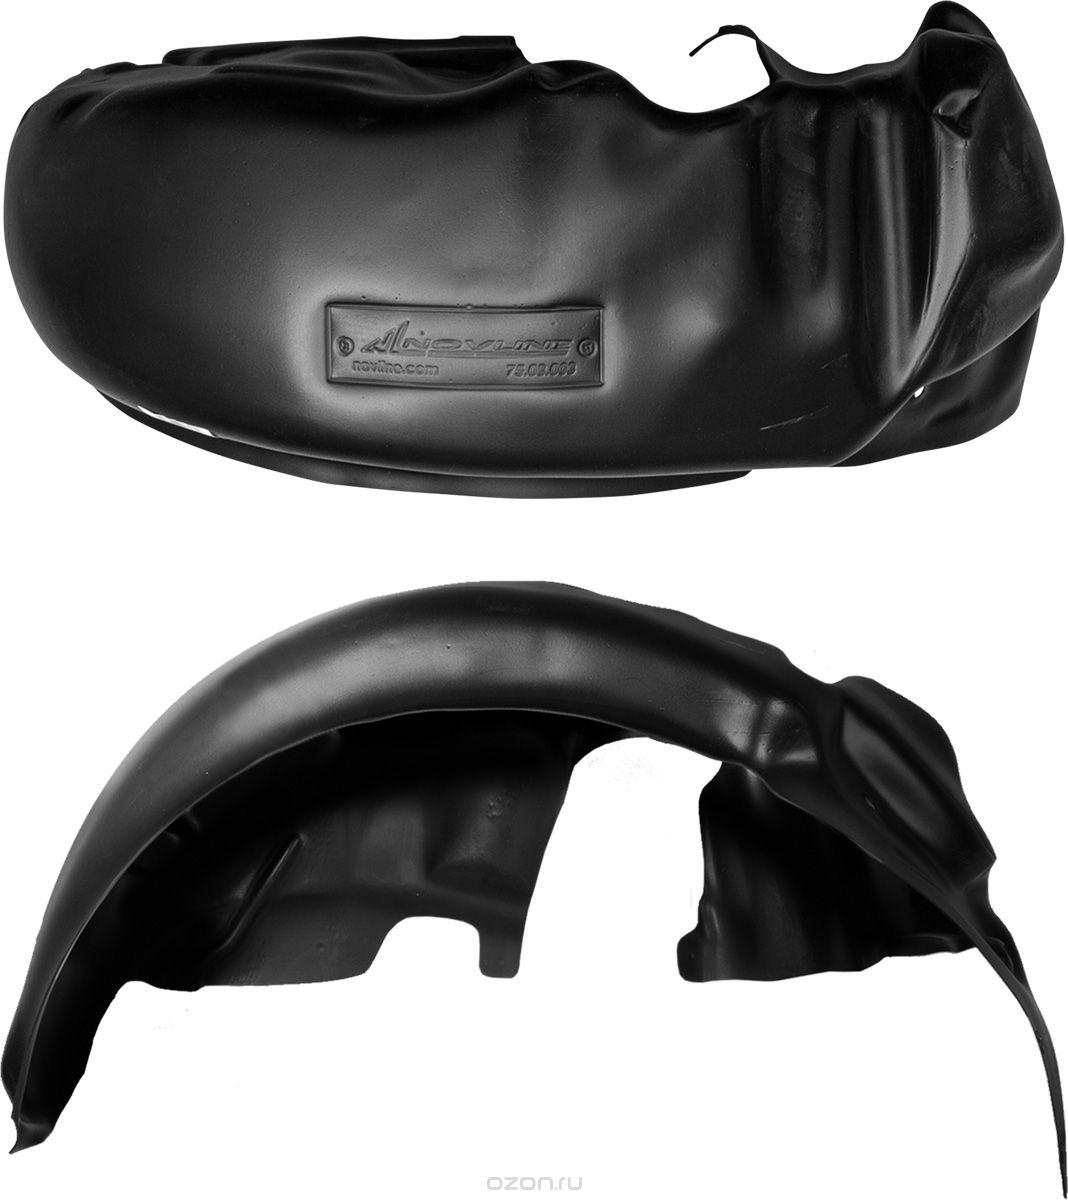 Подкрылок Novline-Autofamily, для TOYOTA Auris , 2012 ->(задний левыйSVC-300Идеальная защита колесной ниши. Локеры разработаны с применением цифровых технологий, гарантируют максимальную повторяемость поверхности арки. Изделия устанавливаются без нарушения лакокрасочного покрытия автомобиля, каждый подкрылок комплектуется крепежом. Уважаемые клиенты, обращаем ваше внимание, что фотографии на подкрылки универсальные и не отражают реальную форму изделия. При этом само изделие идет точно под размер указанного автомобиля.